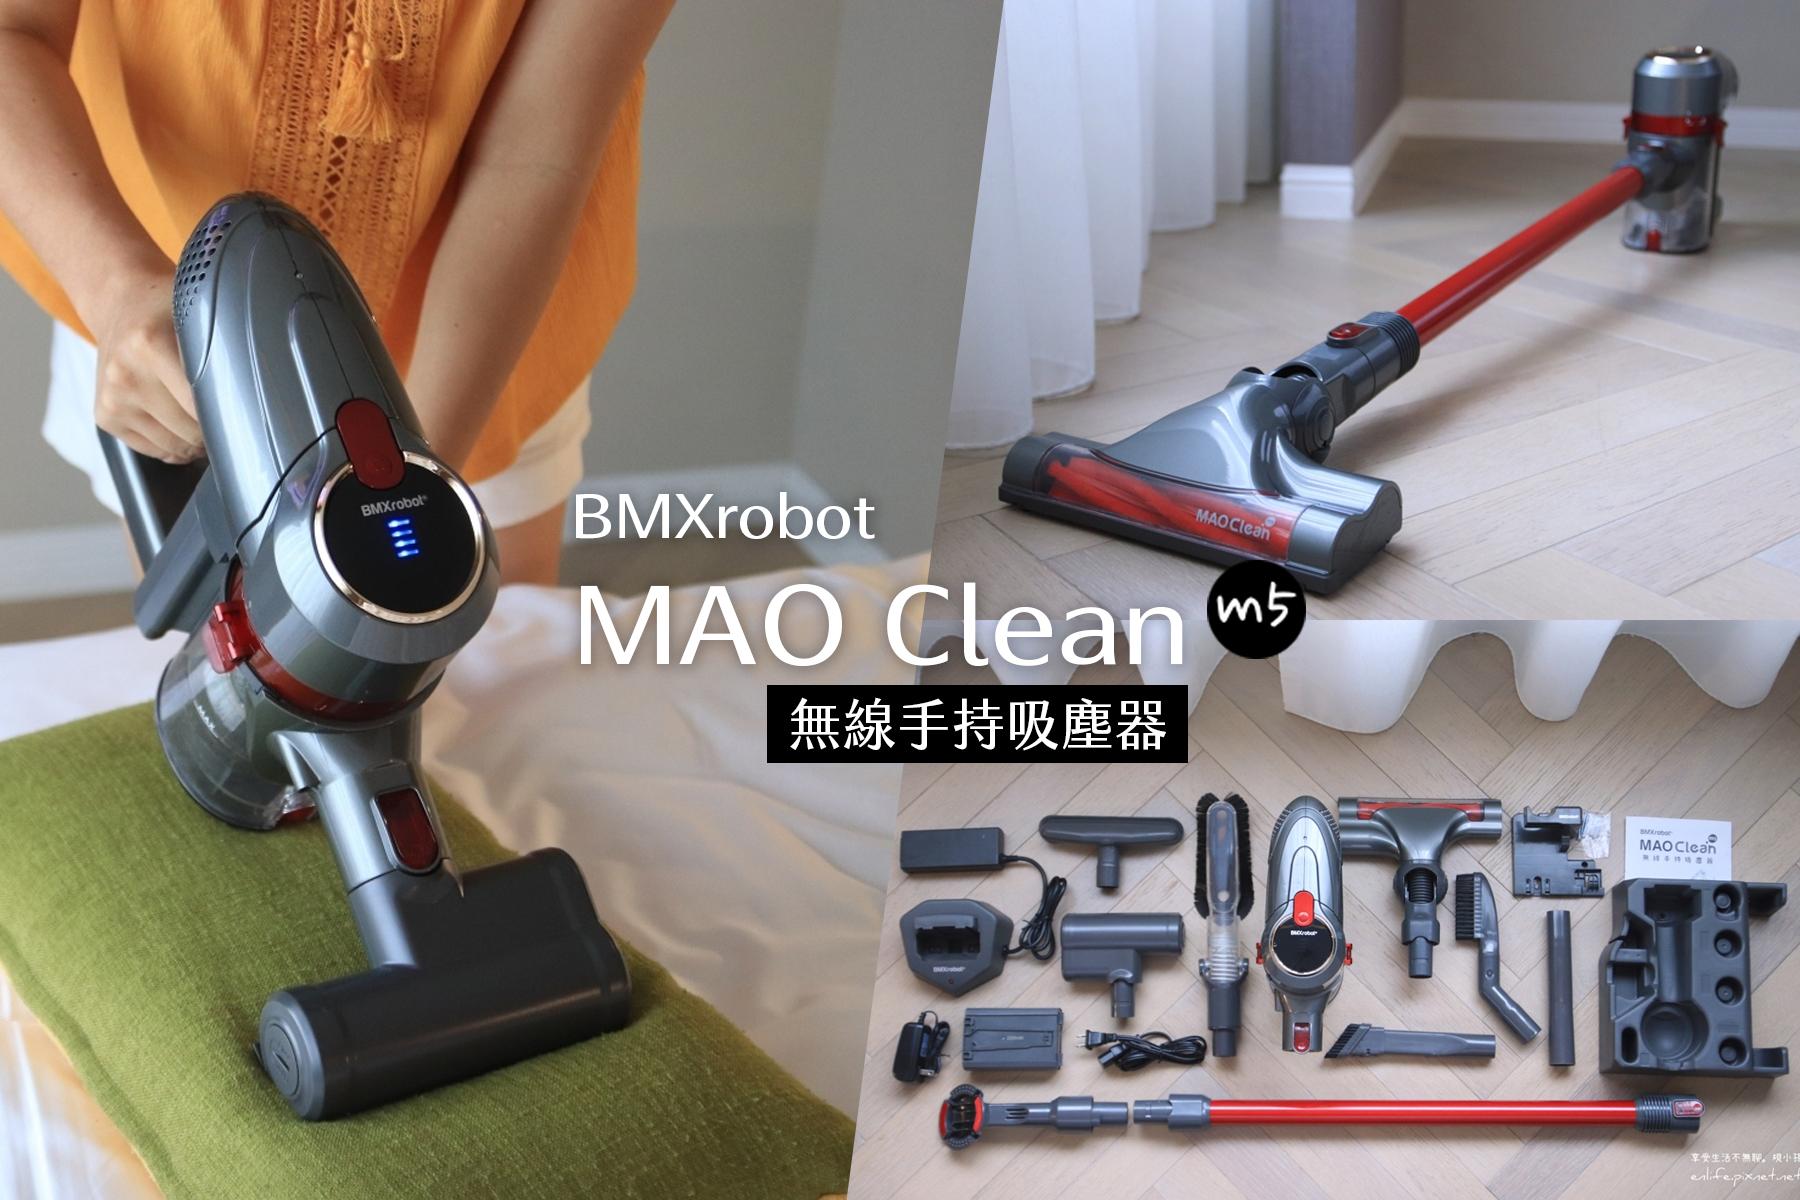 免萬元日本豪華全配吸塵器BMXrobot MAO Clean M5